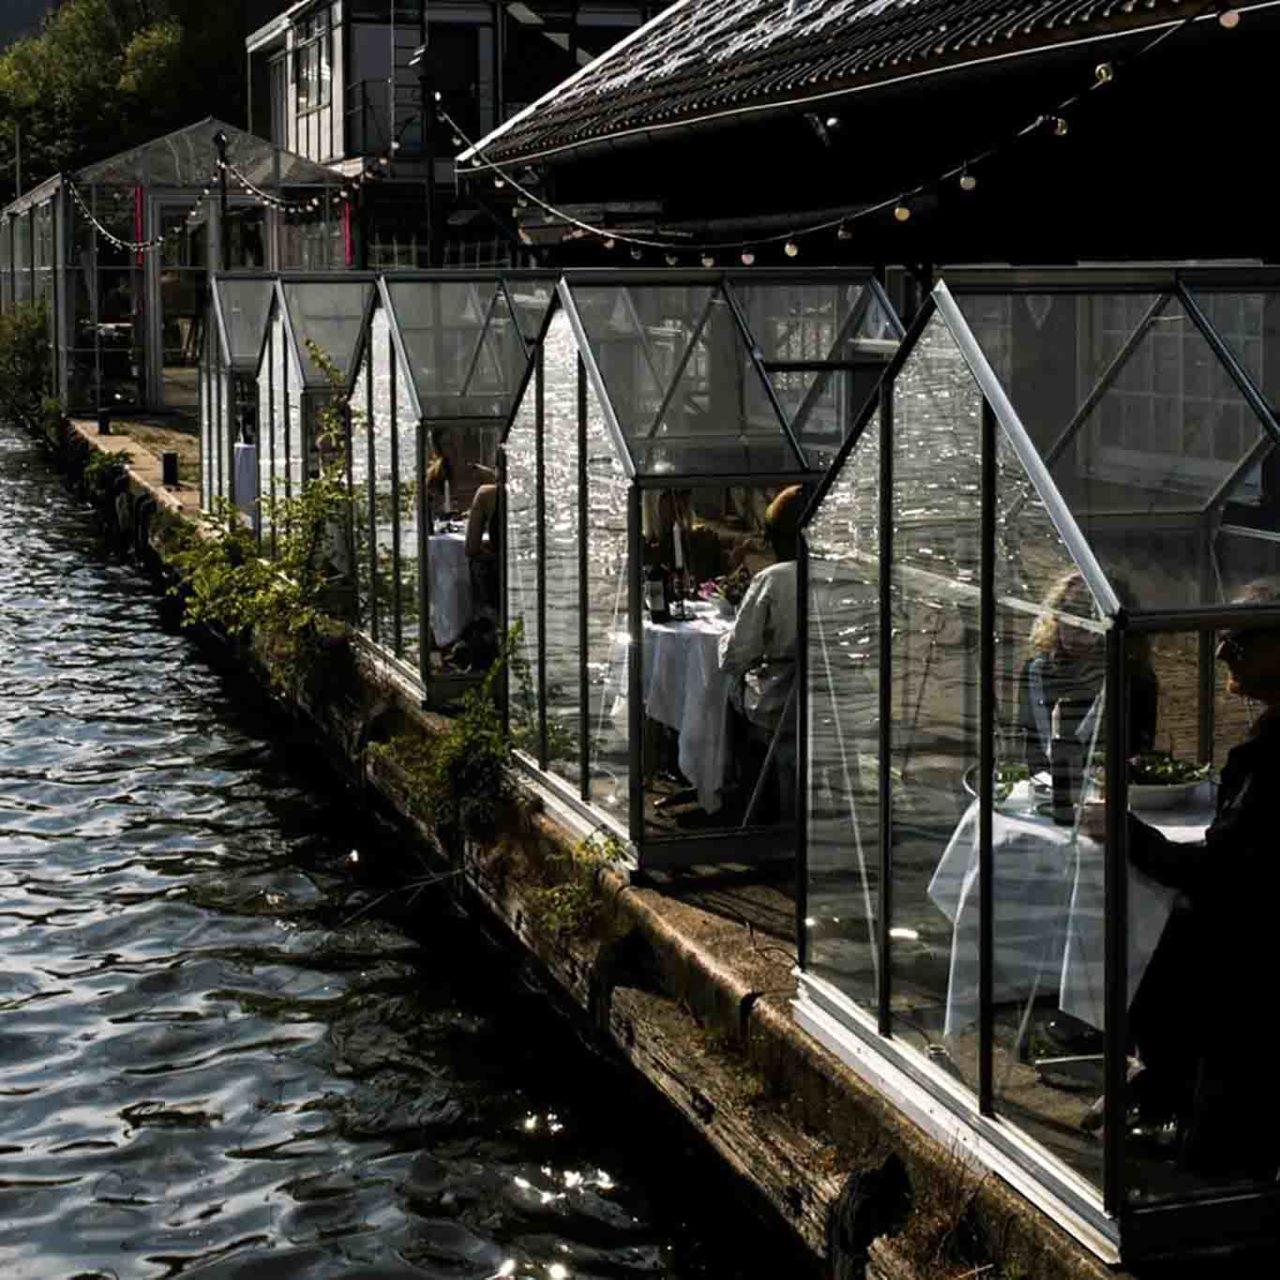 ristorante cabine di vetro mediamatic serres separees Olanda